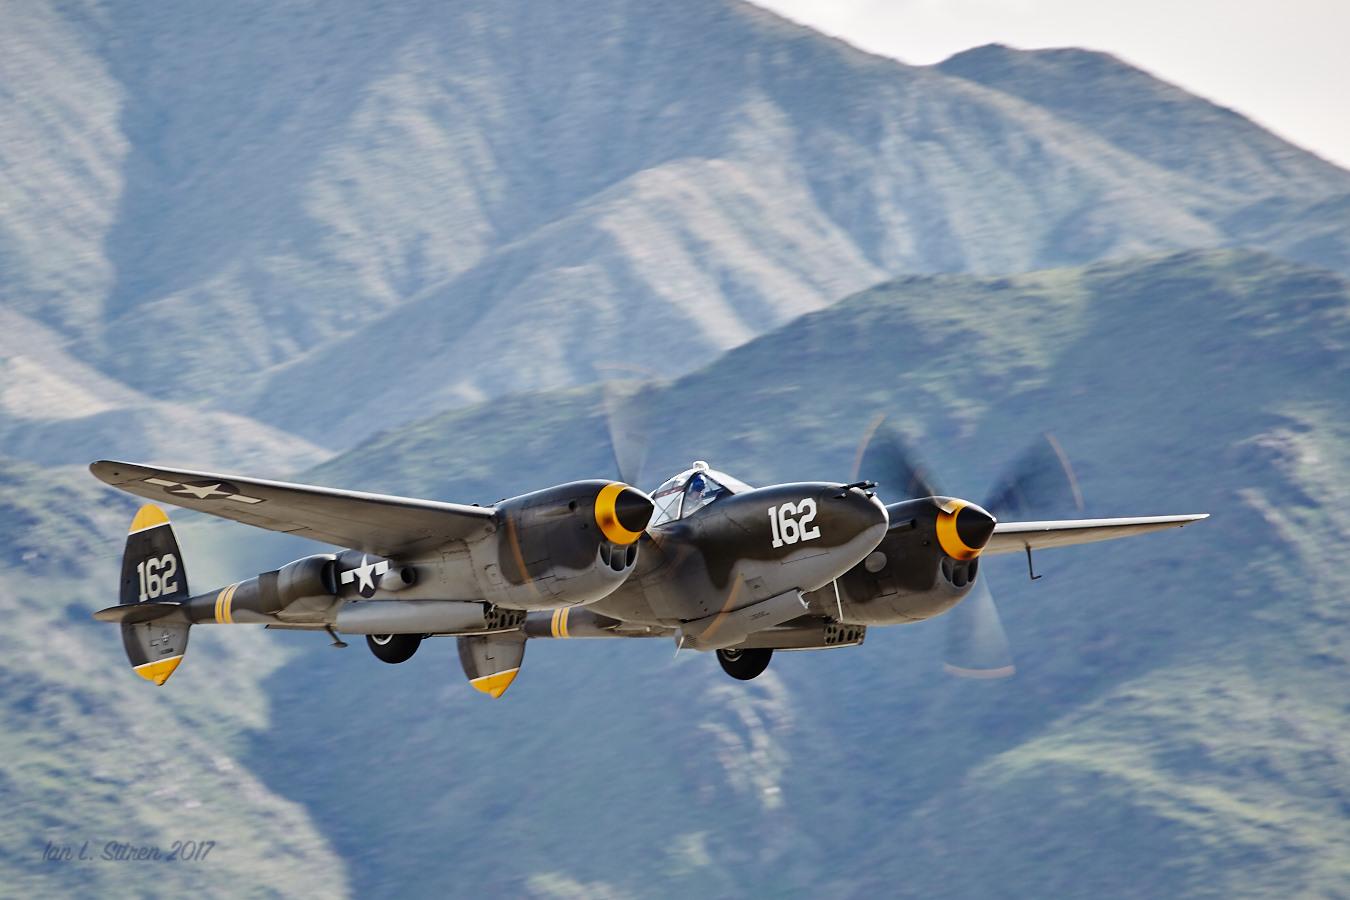 P-38 Lighning Flyby